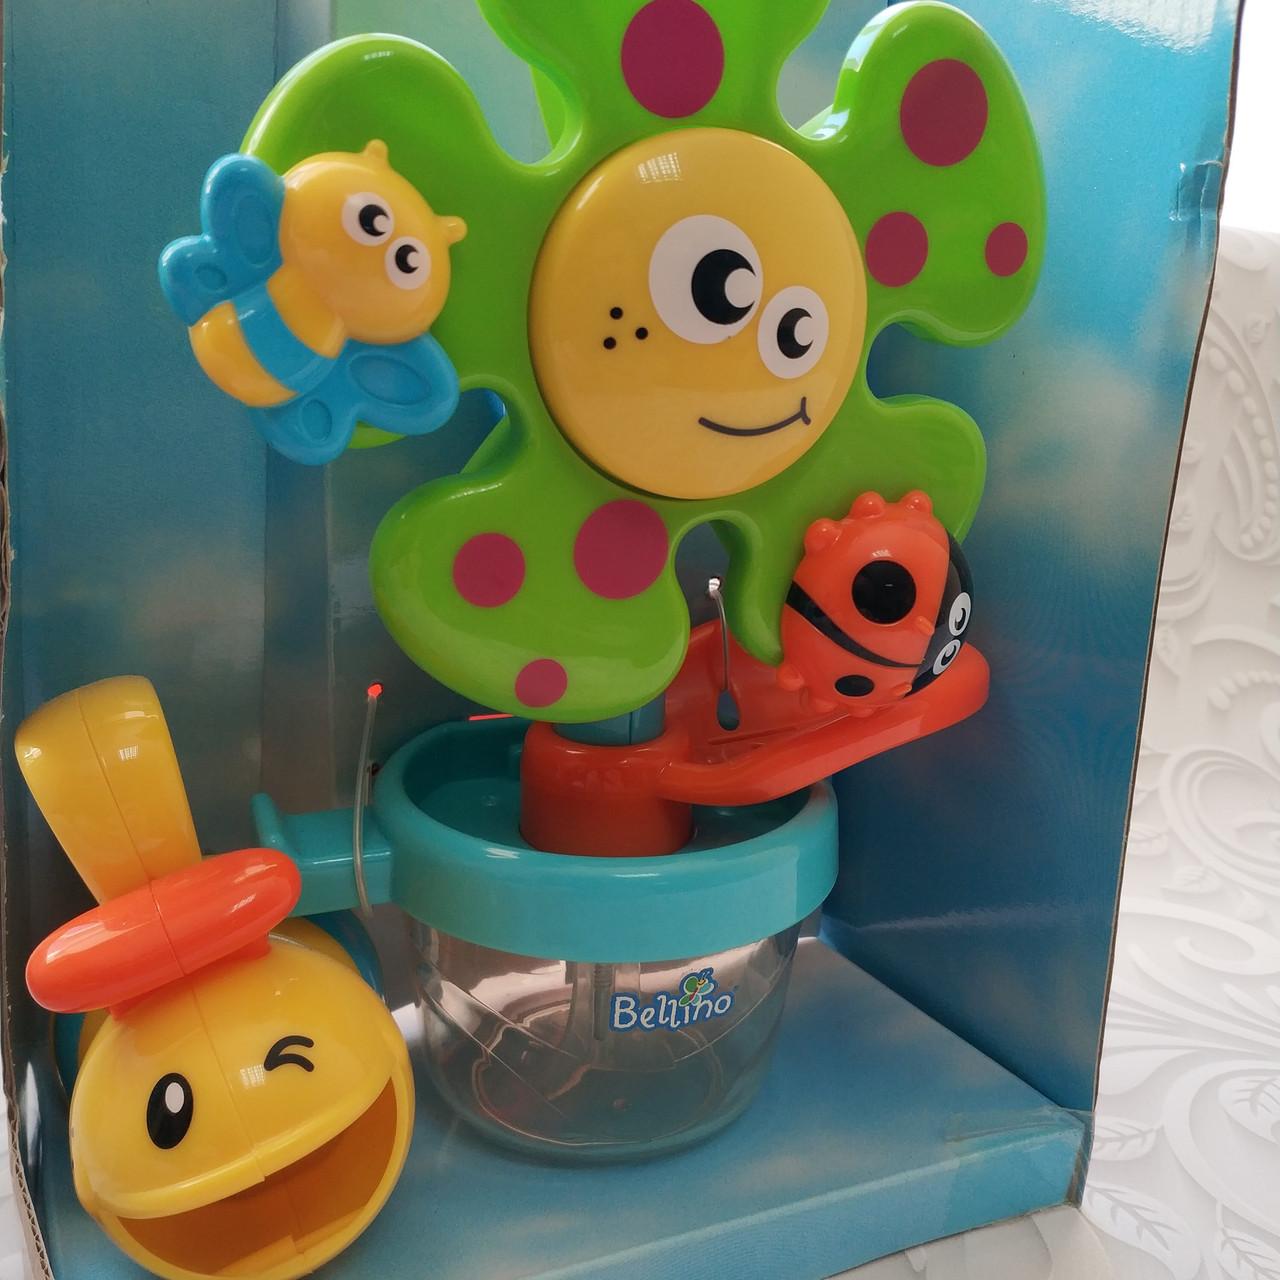 Набор игрушек в ванную, Bellino, Дания.